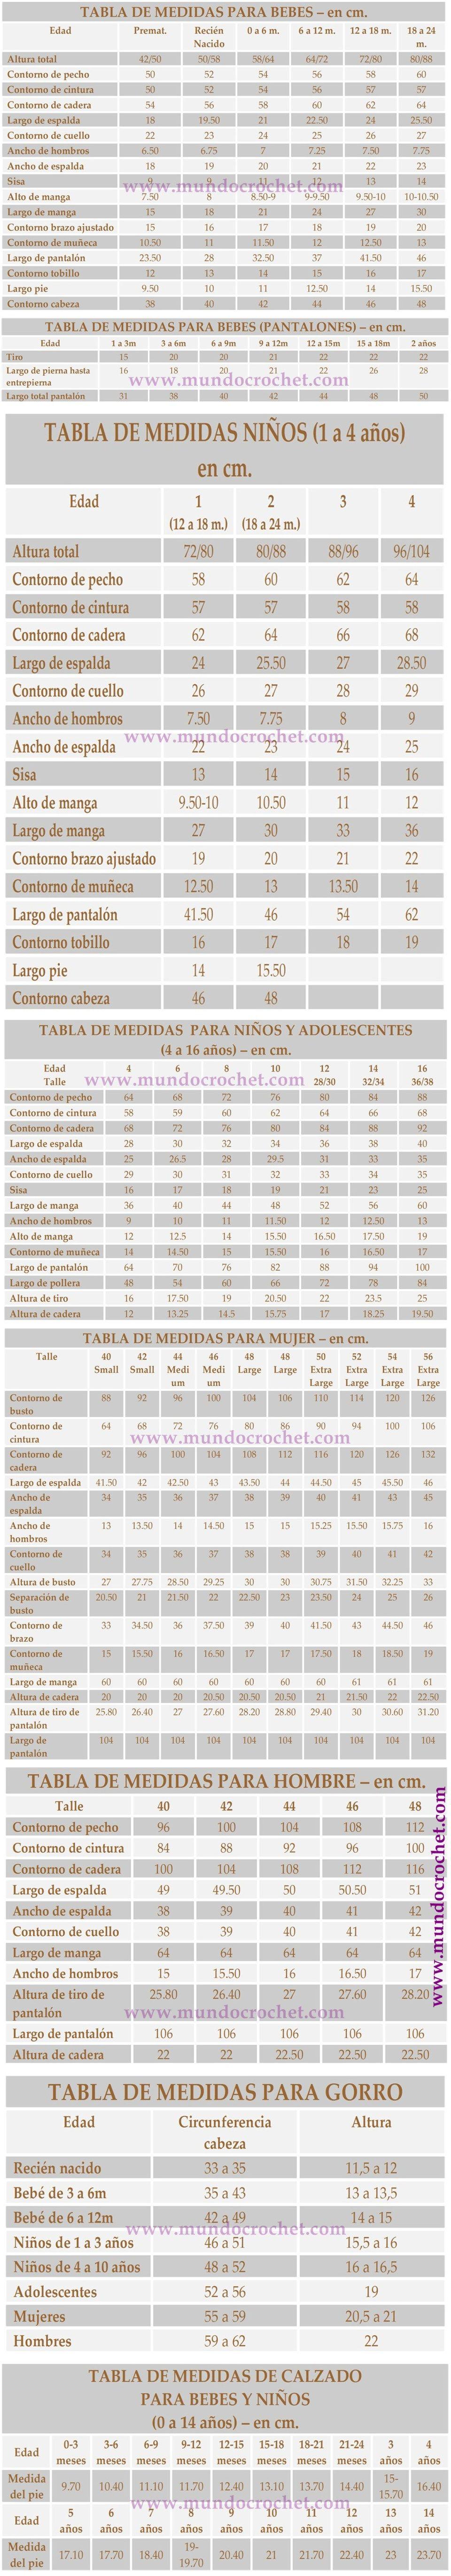 Tabla de medidas para bebes_ninos_gorros_zapatos_mujer_hombre para ...